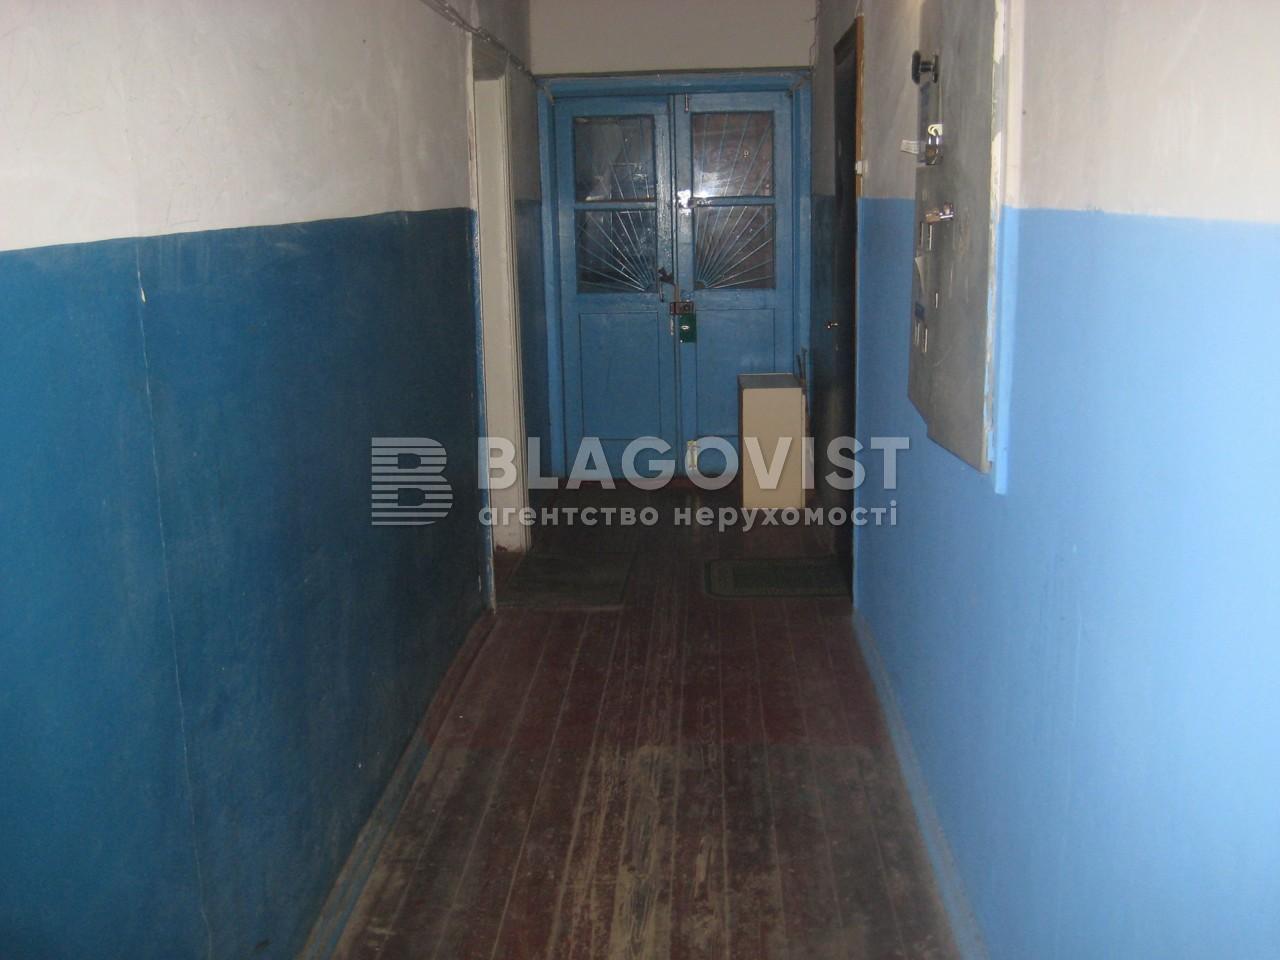 Квартира R-35619, Шепелева Николая, 9а, Киев - Фото 5